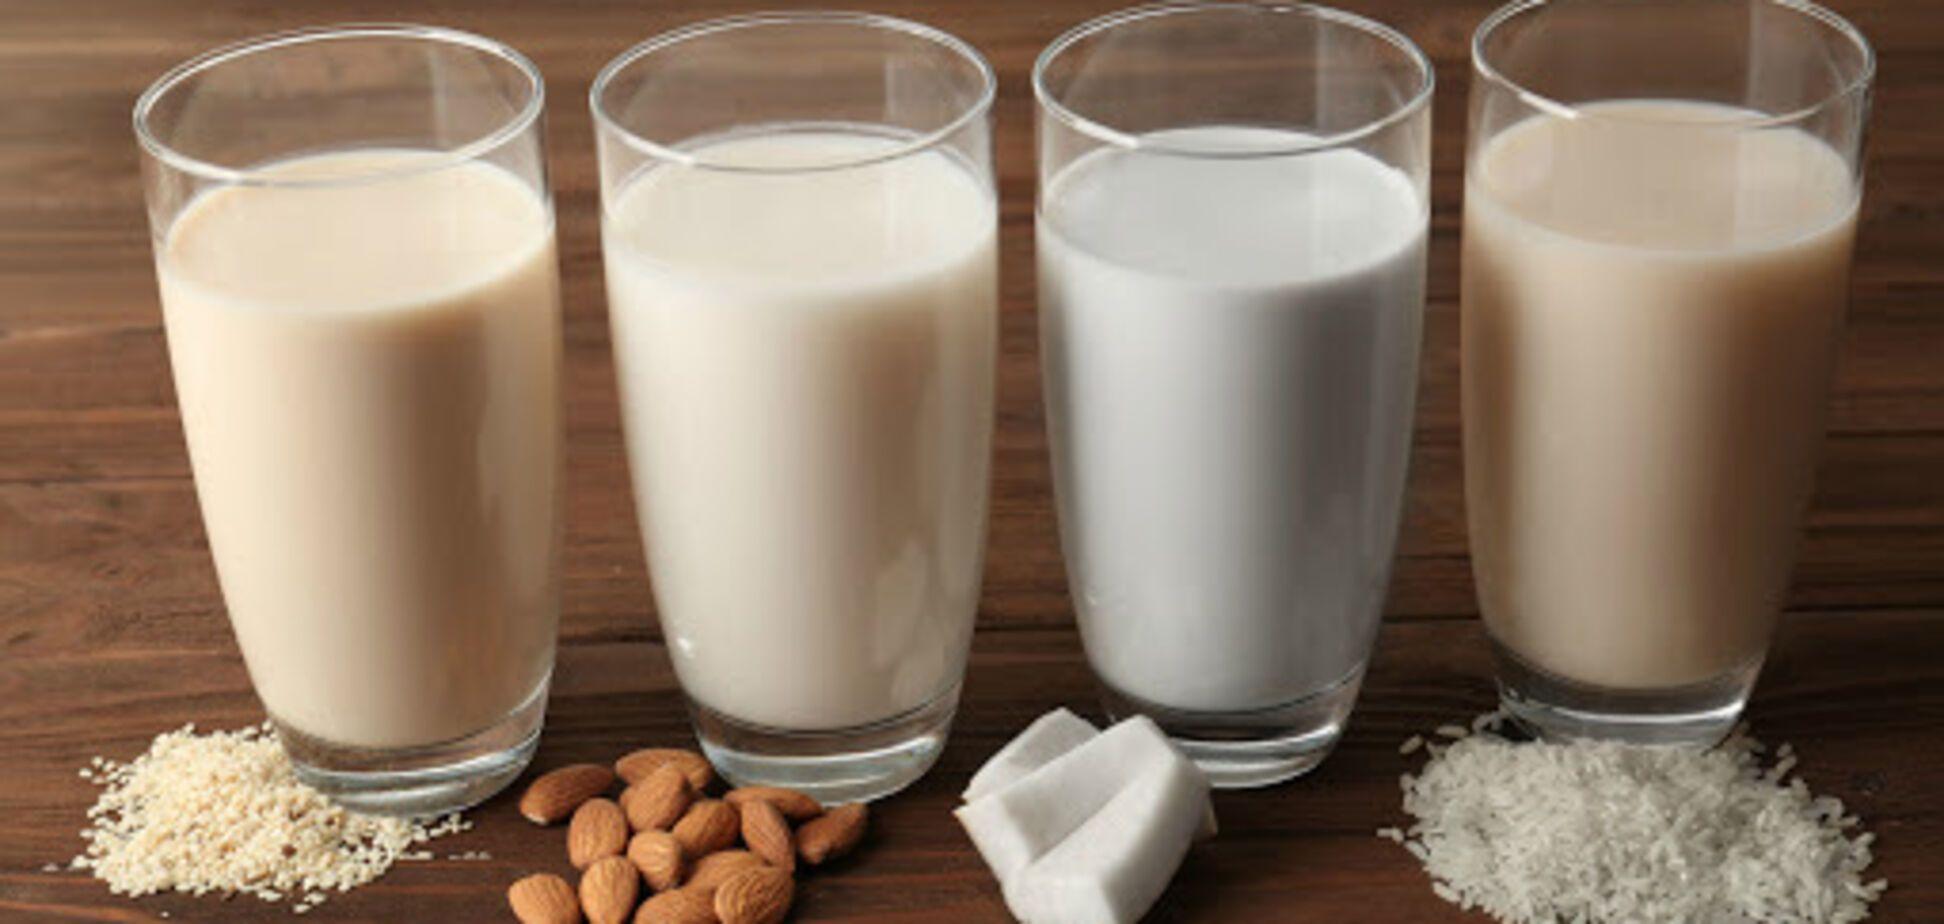 Чи може рослинне молоко замінити коров'яче?